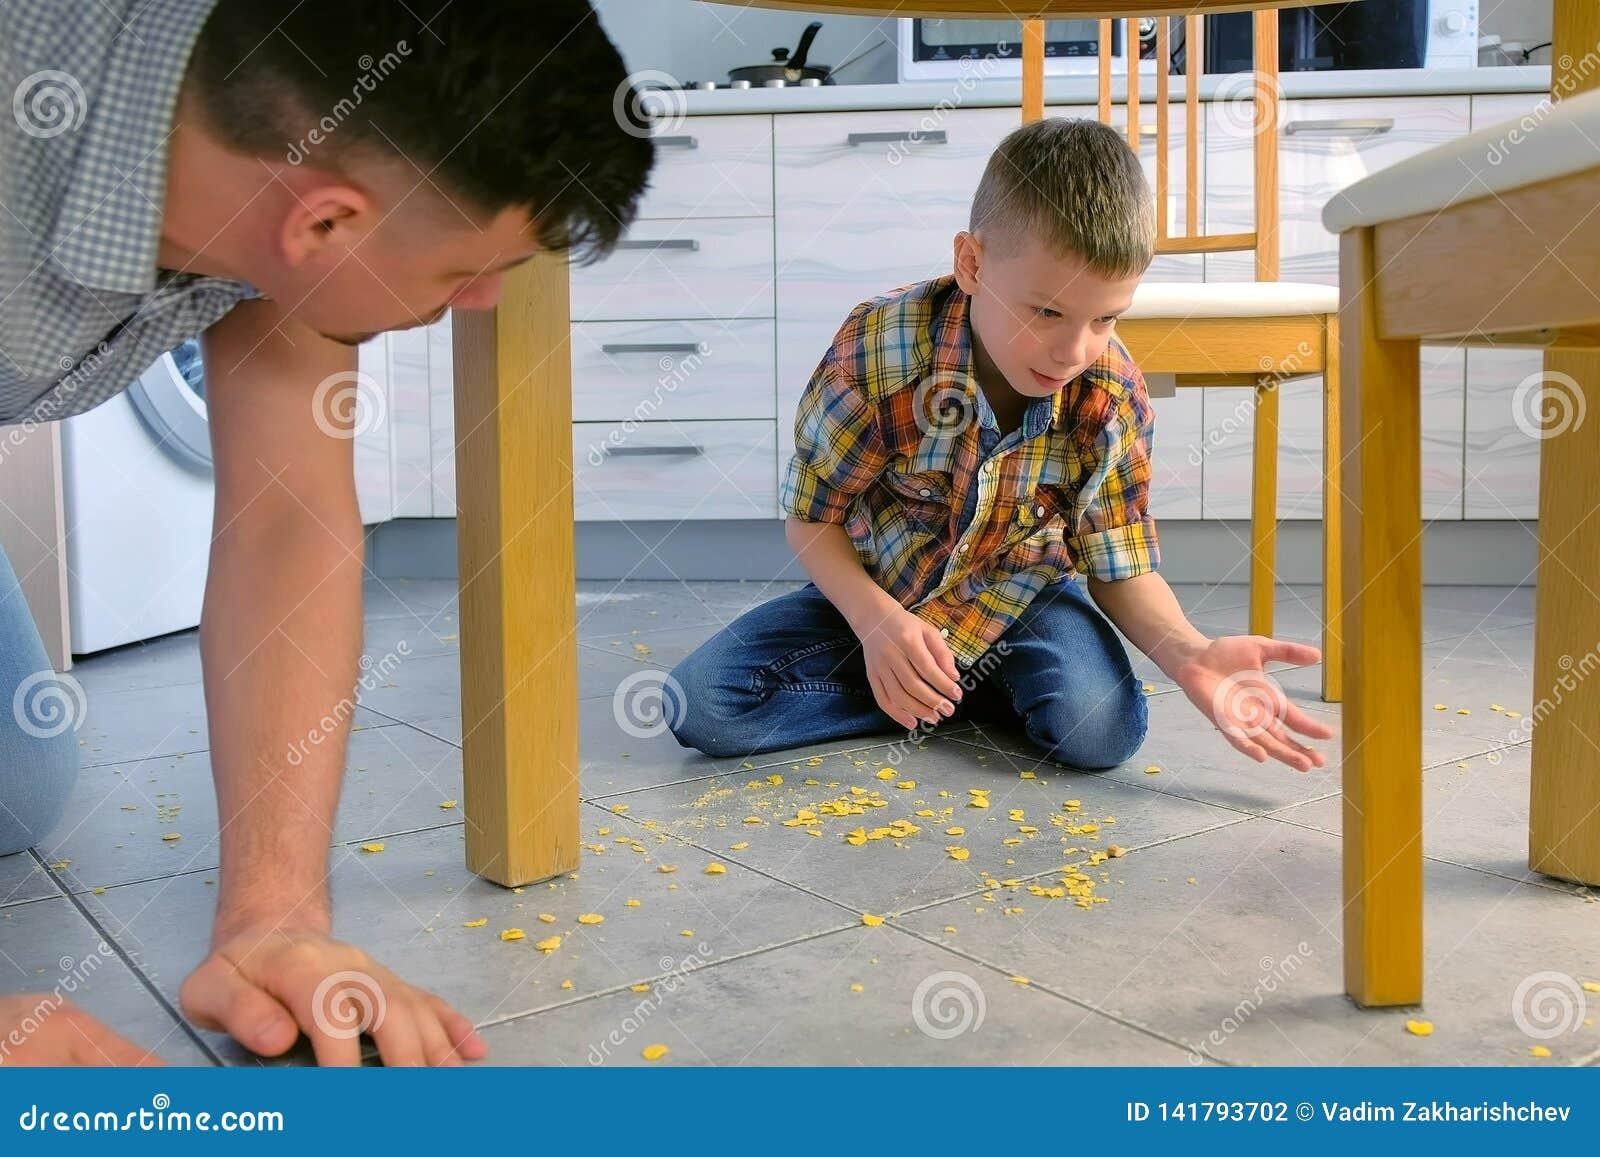 De papa berispt zijn zoon voor verspreid voedsel op de keukenvloer en maakt hem schoonmaken Maak cornflakes van de vloer schoon